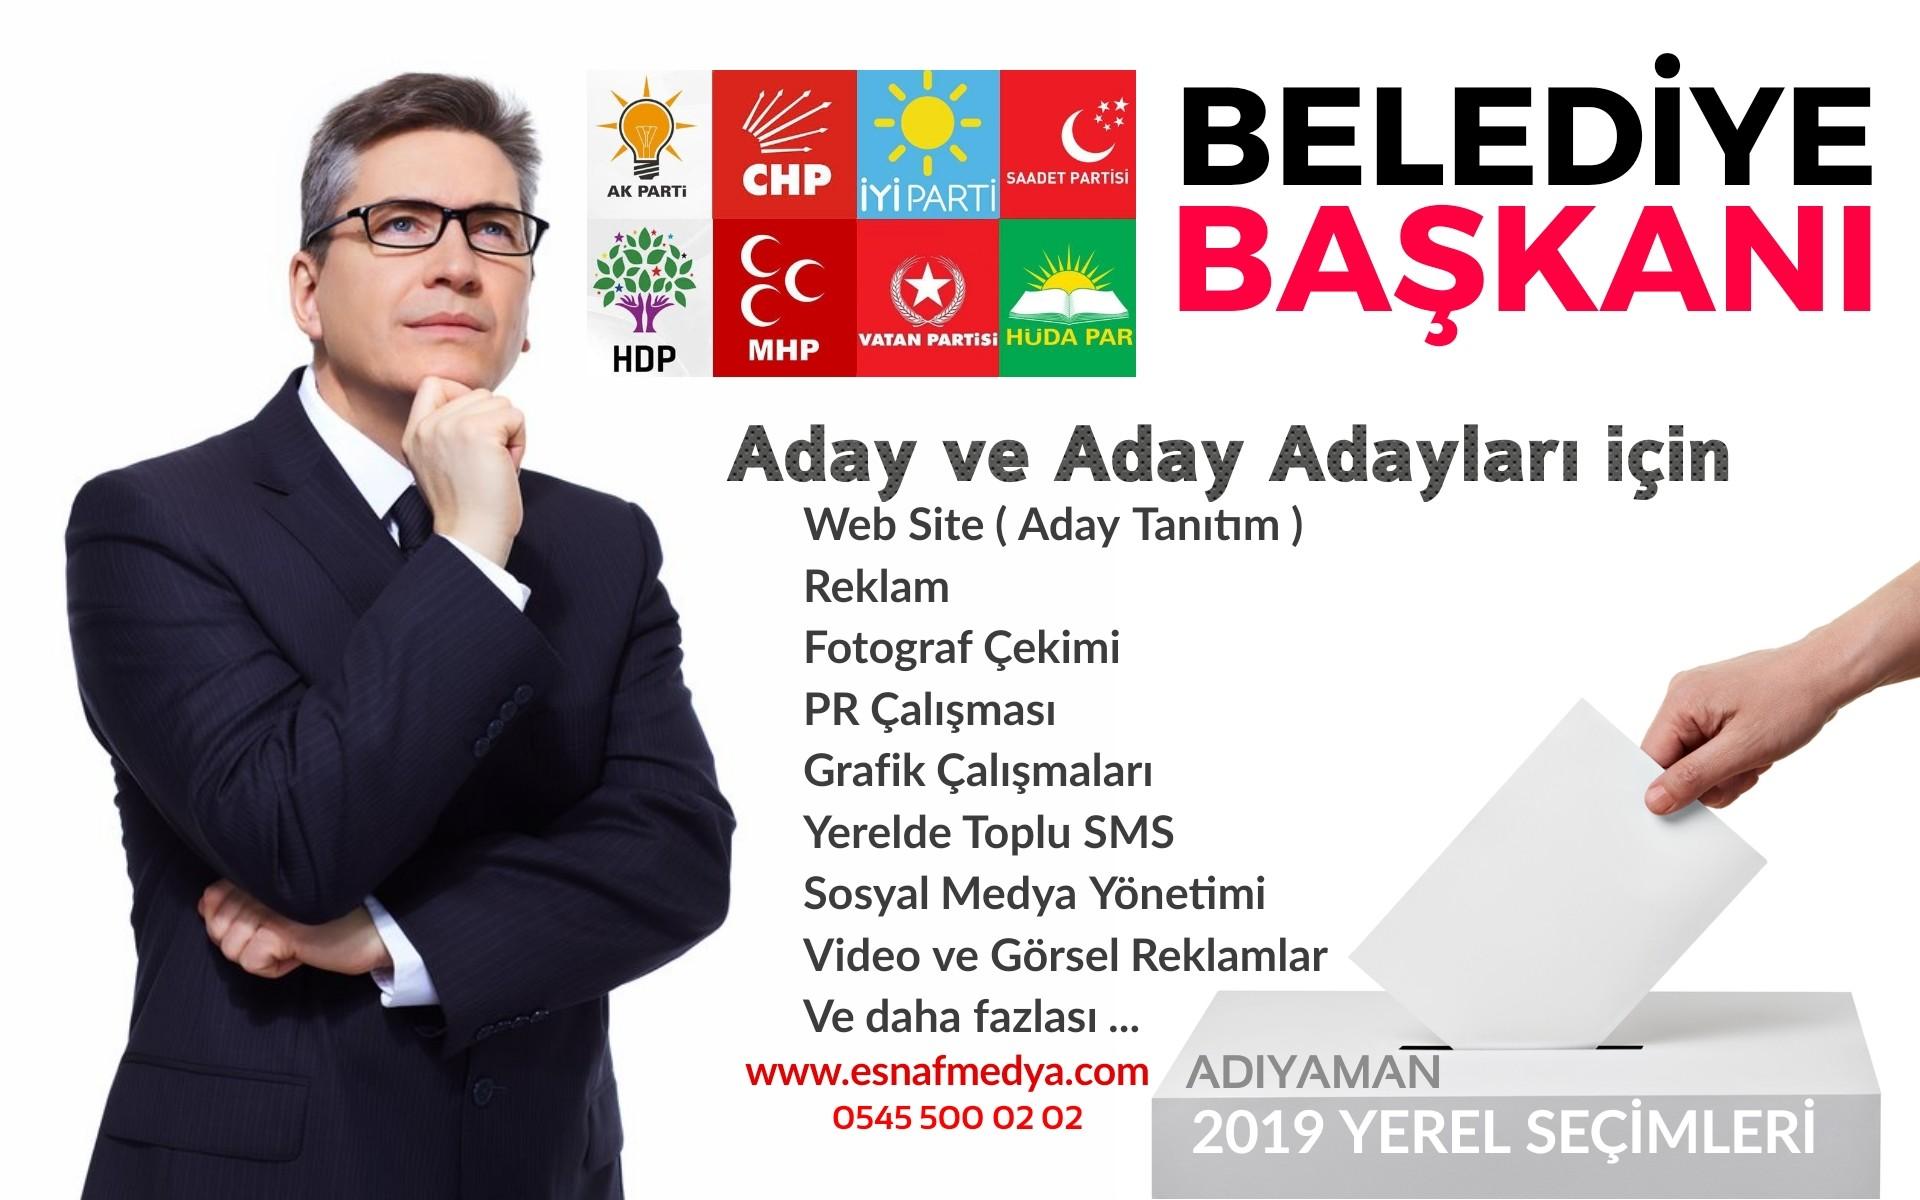 Adıyaman Belediye Başkan Aday Adayı Reklam Esnafmedya.com